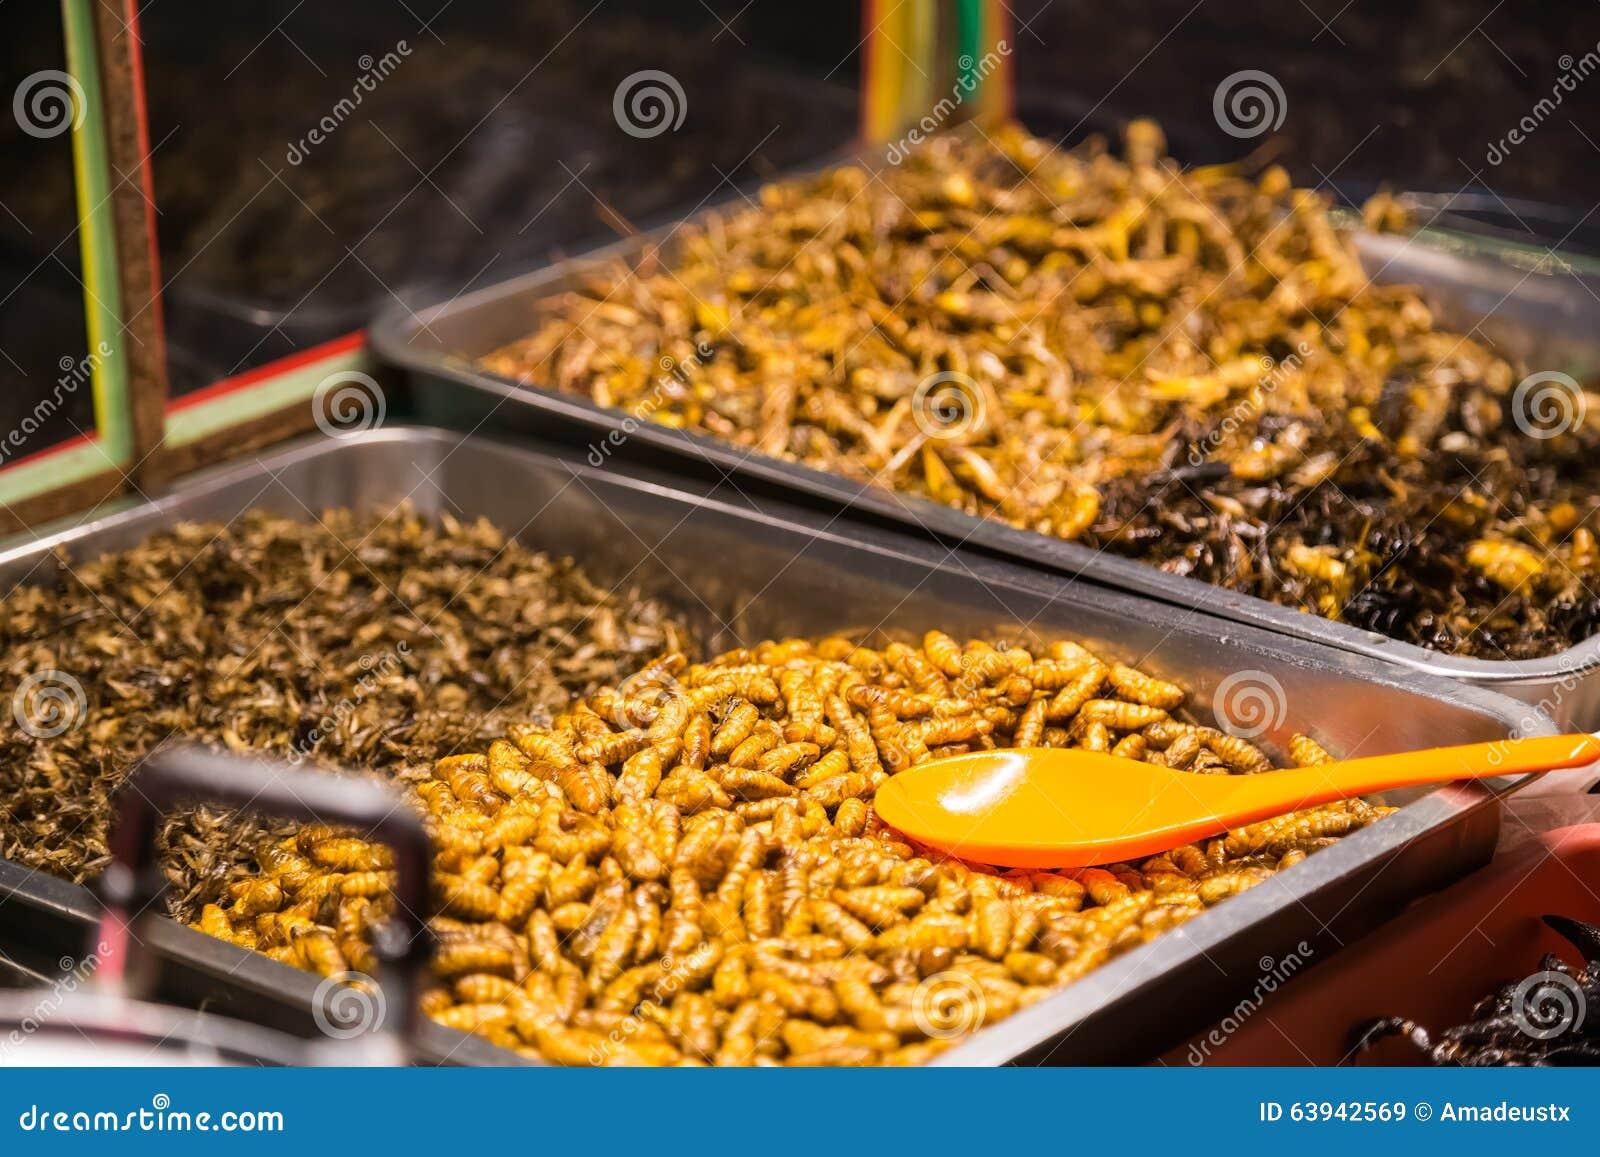 Τα τηγανισμένα έντομα όπως τα ζωύφια, grasshoppers, τις προνύμφες, τις κάμπιες και τους σκορπιούς πωλούνται ως τρόφιμα